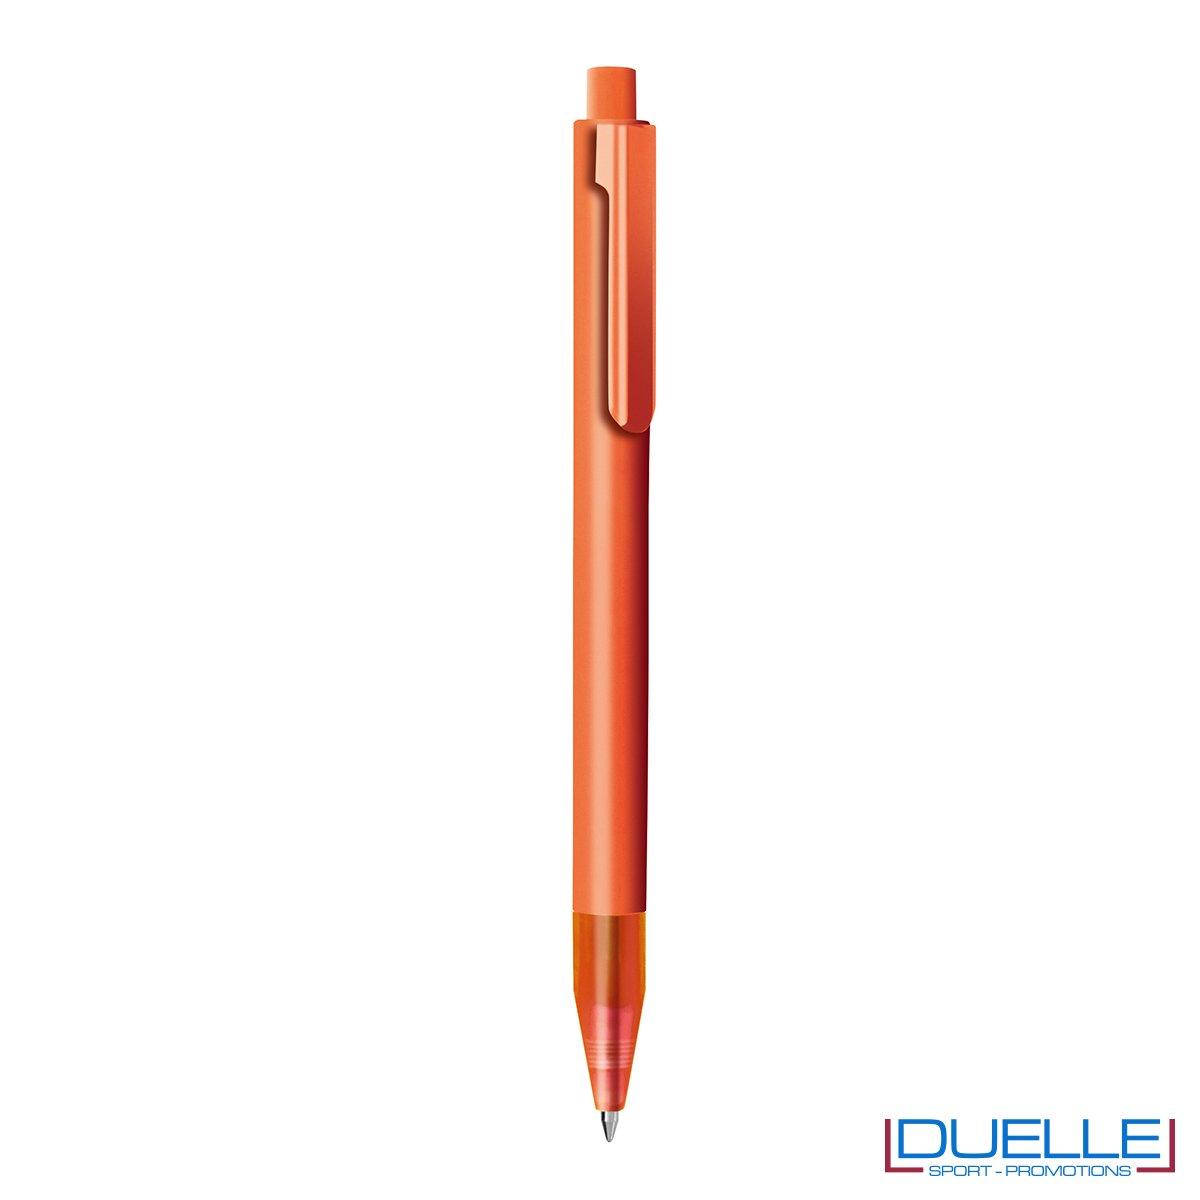 Penna personalizzata con fusto in plastica finitura satinata colore arancione